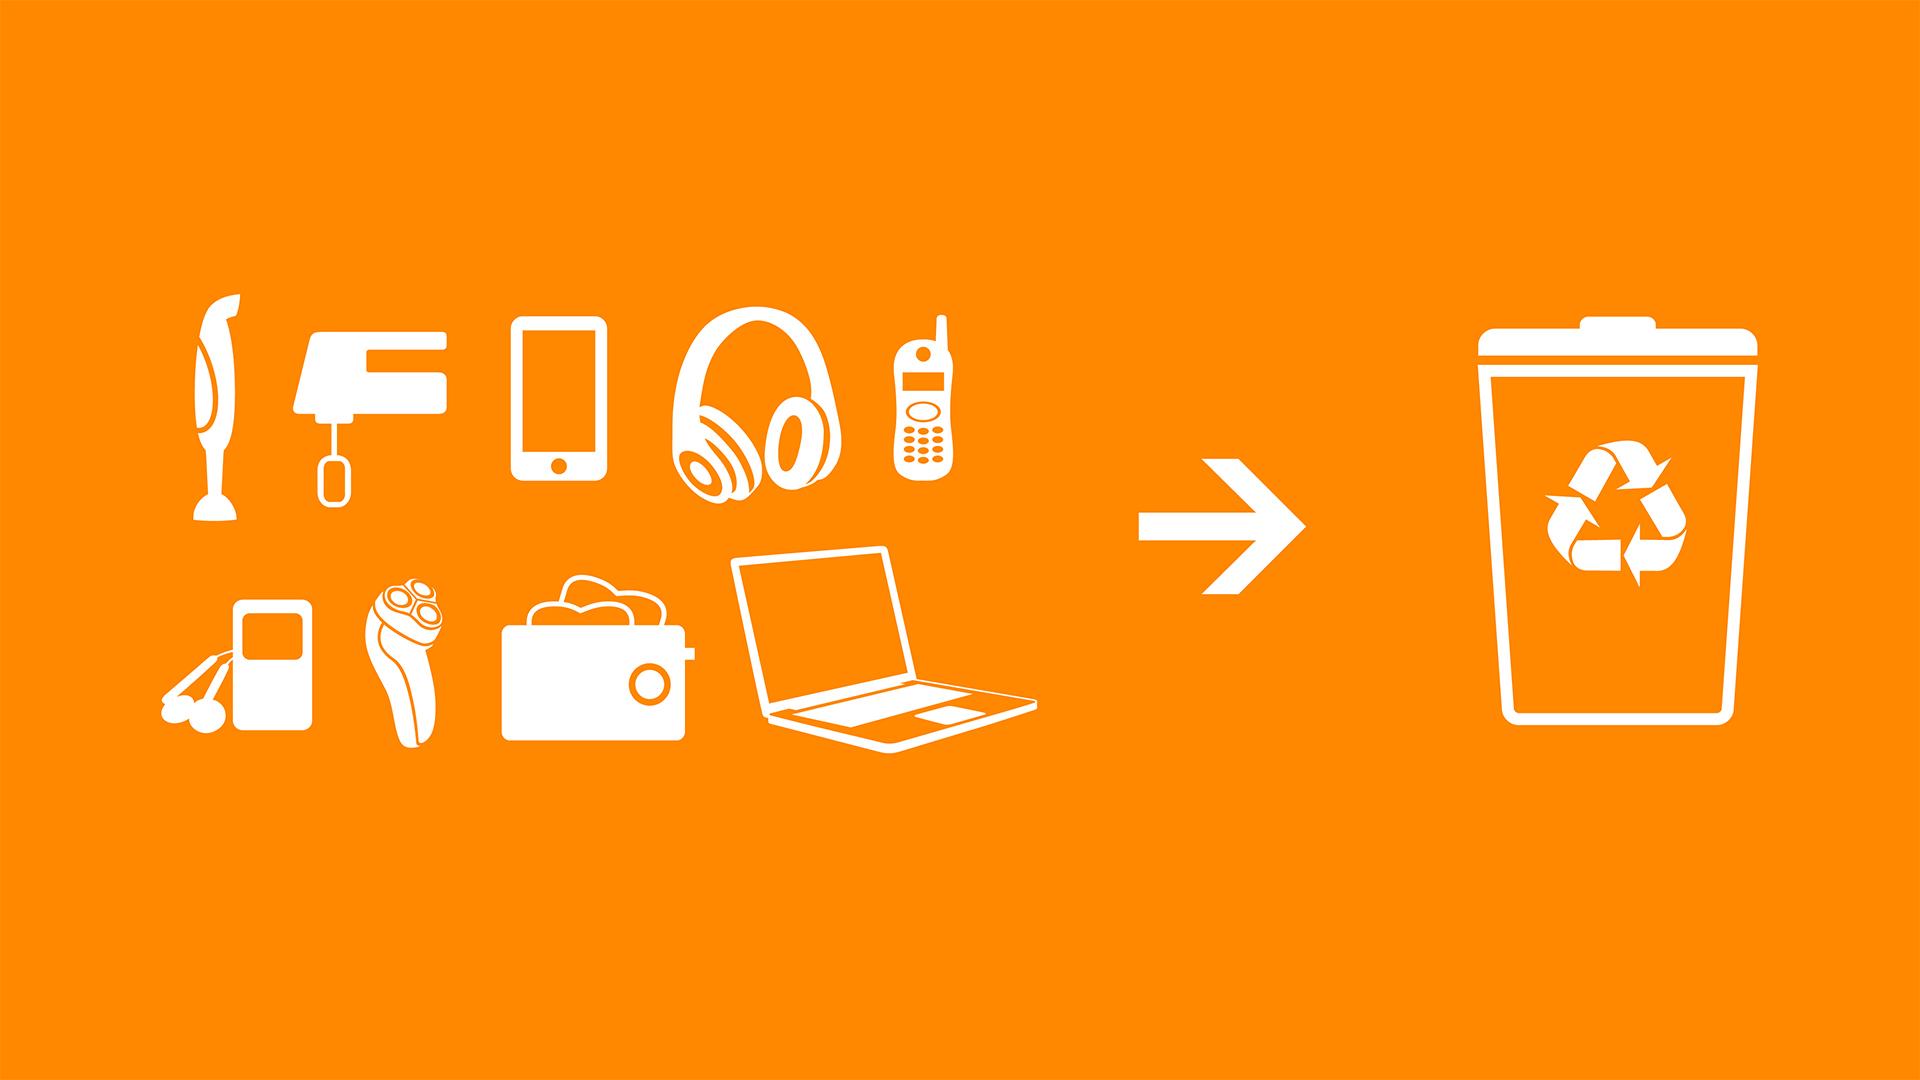 Dart inszeniert die Kommunikation von EGN für die Kommunikationsmittel 2013